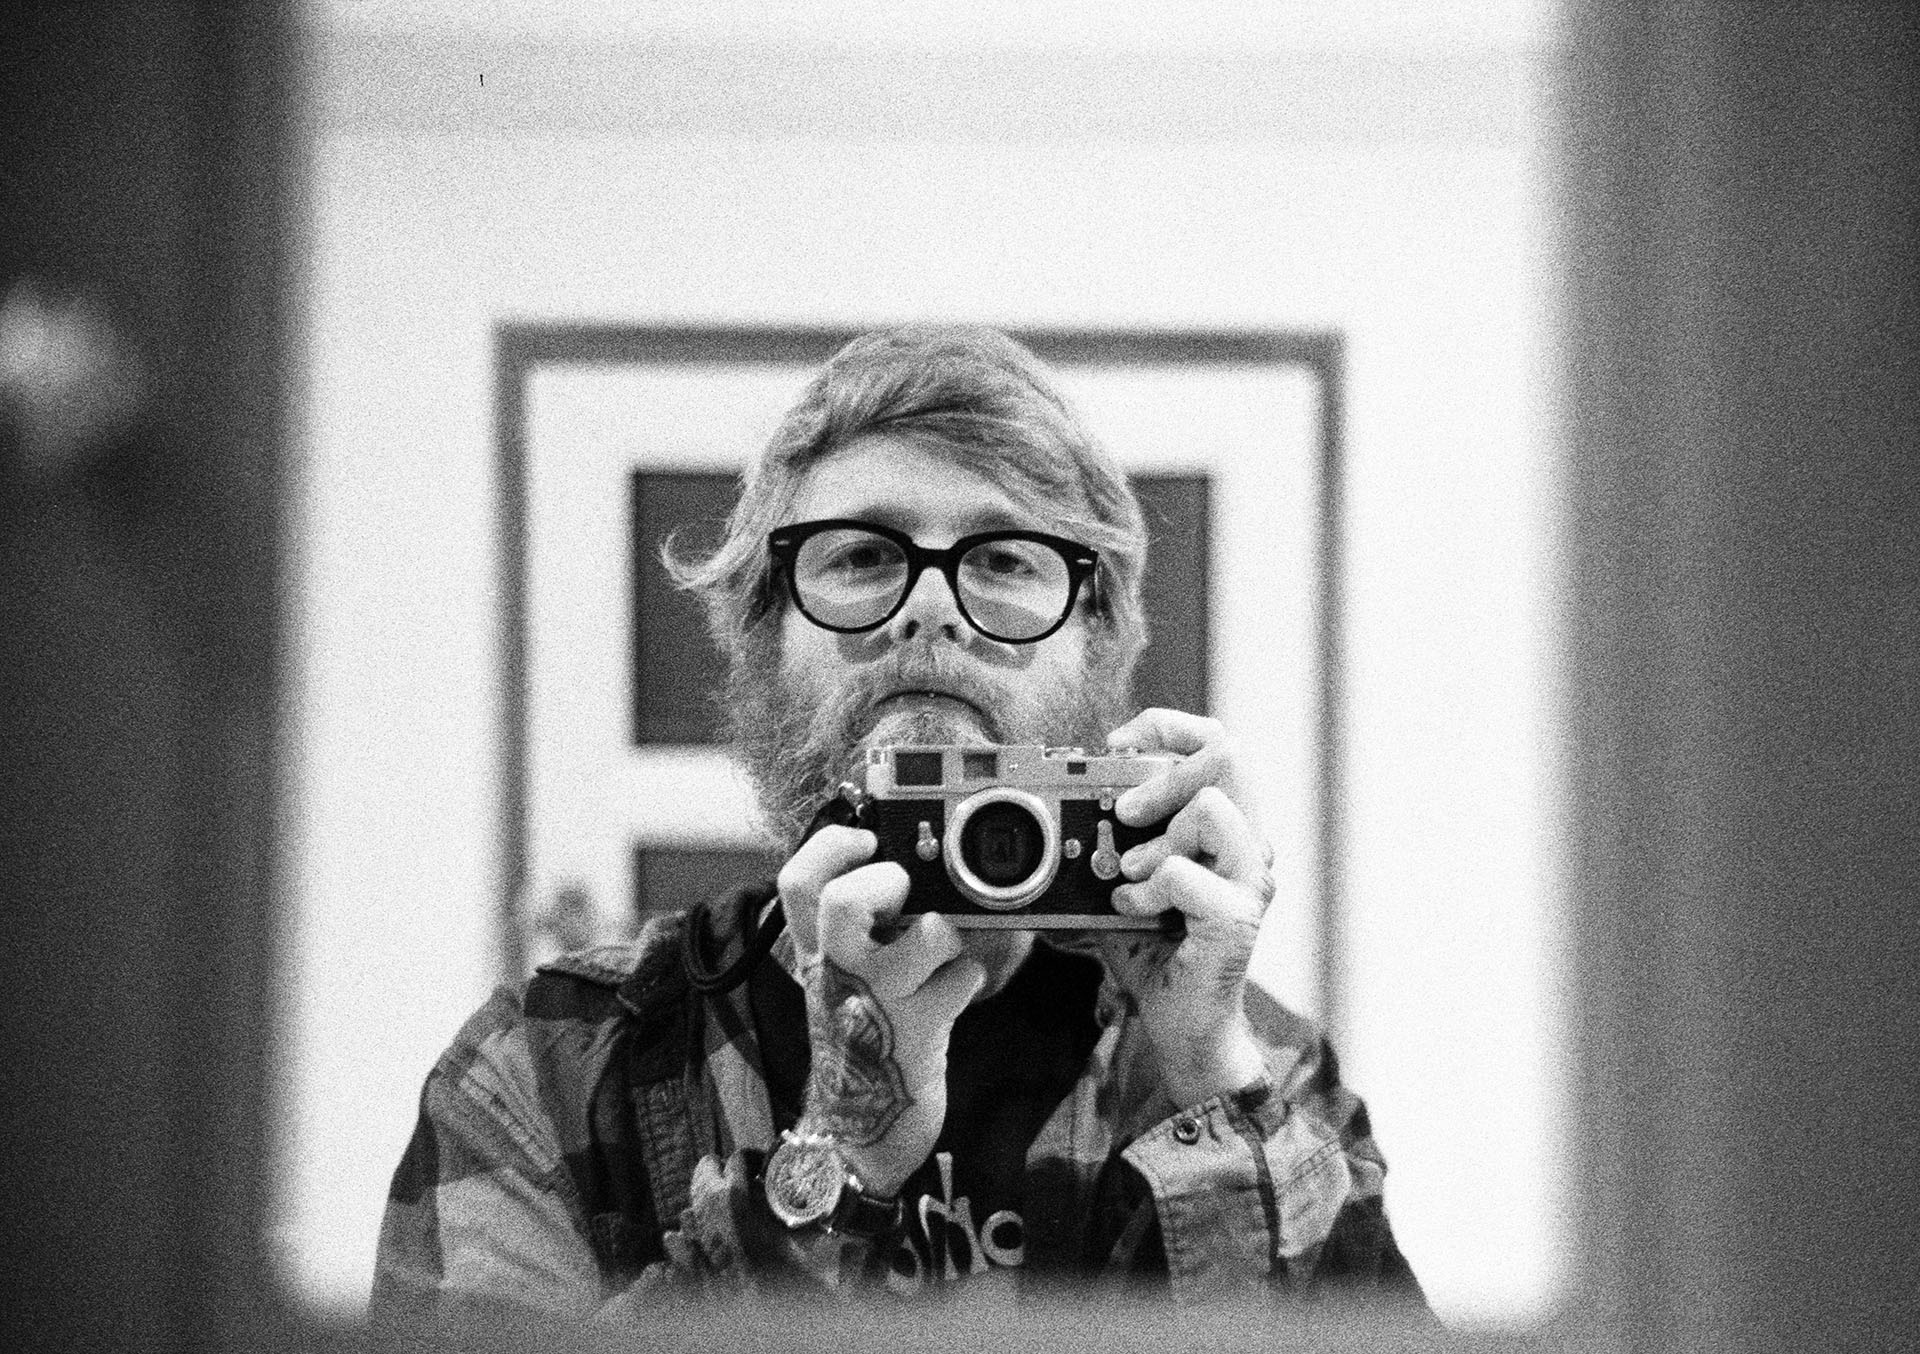 Leica M2 Neopan 1600